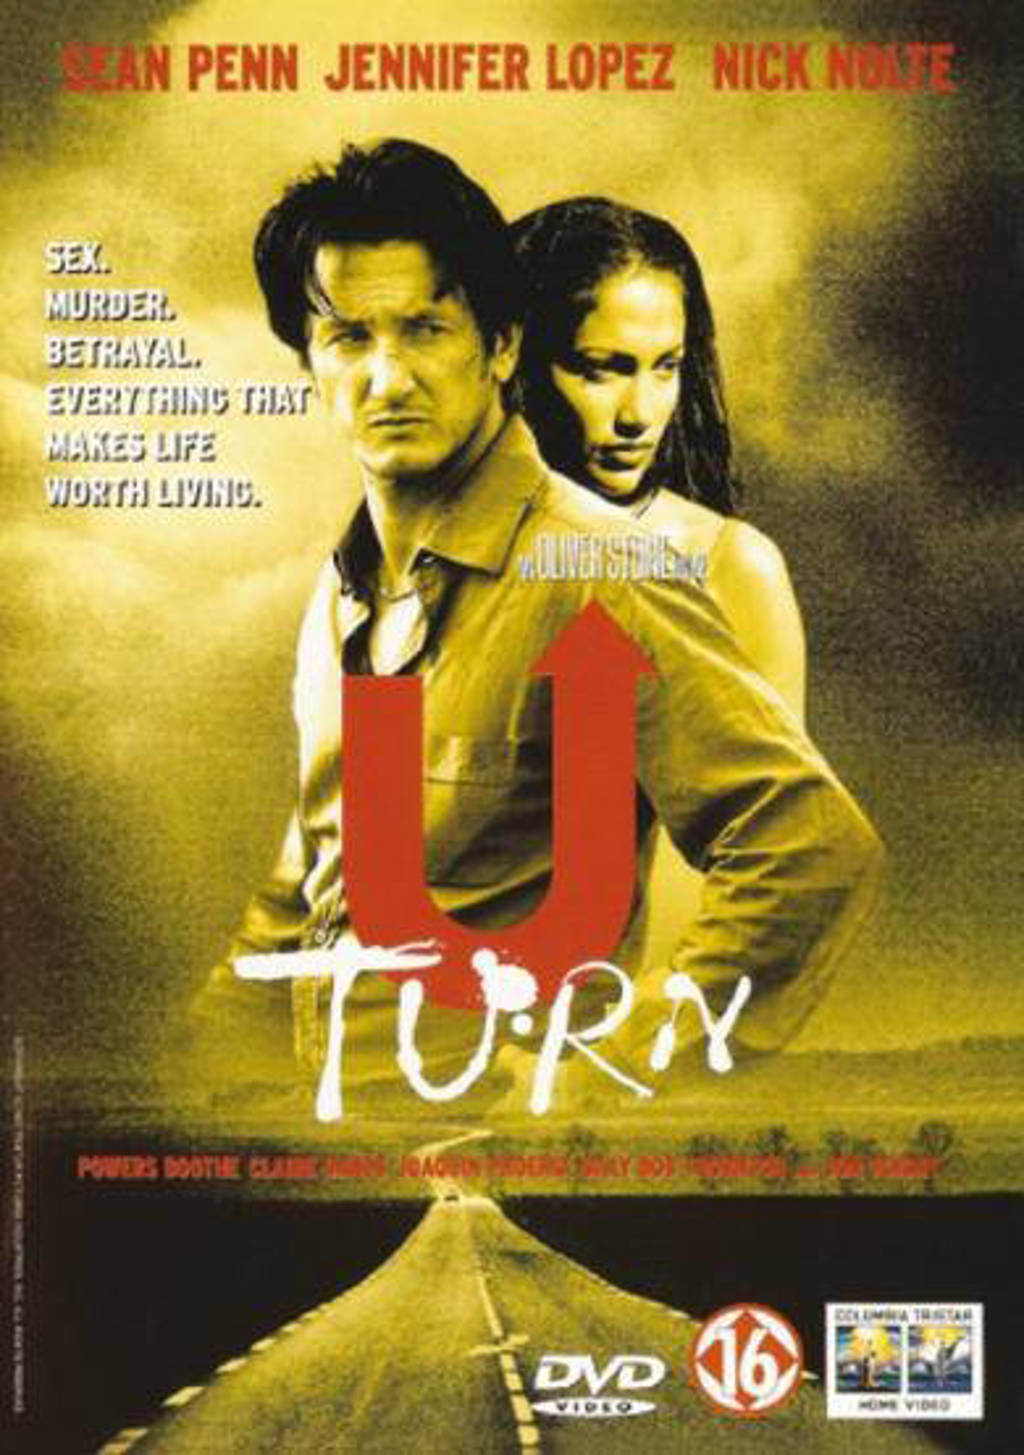 U-turn (DVD)